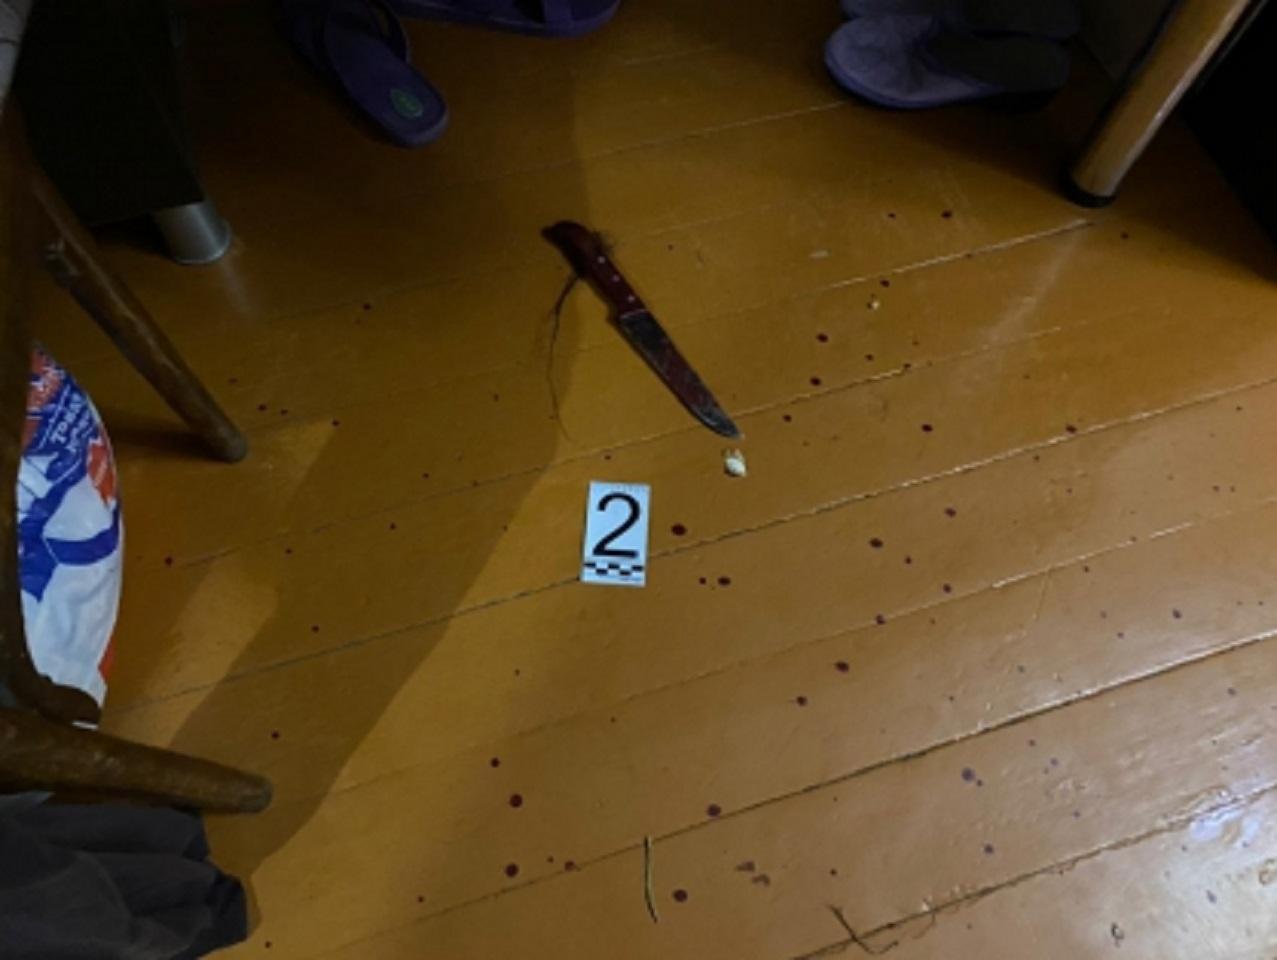 Курганец под Новый год убил бывшую и попытался свести счеты с жизнью